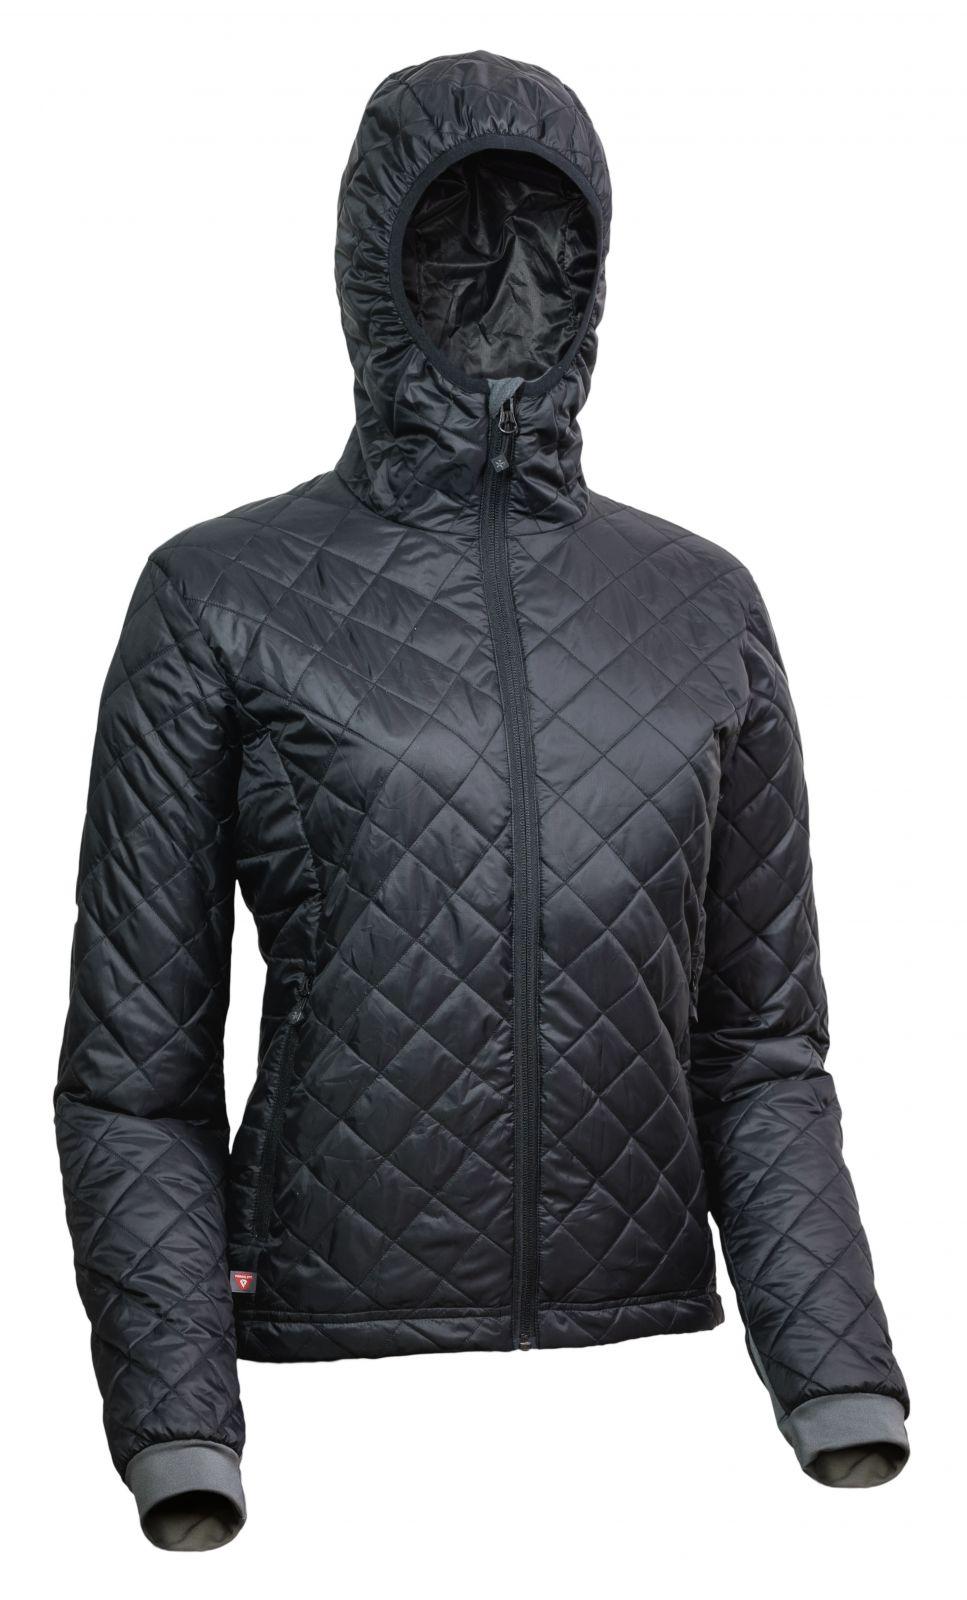 Warmpeace Astra Lady black / black dámská bunda zateplená PrimaLoftem